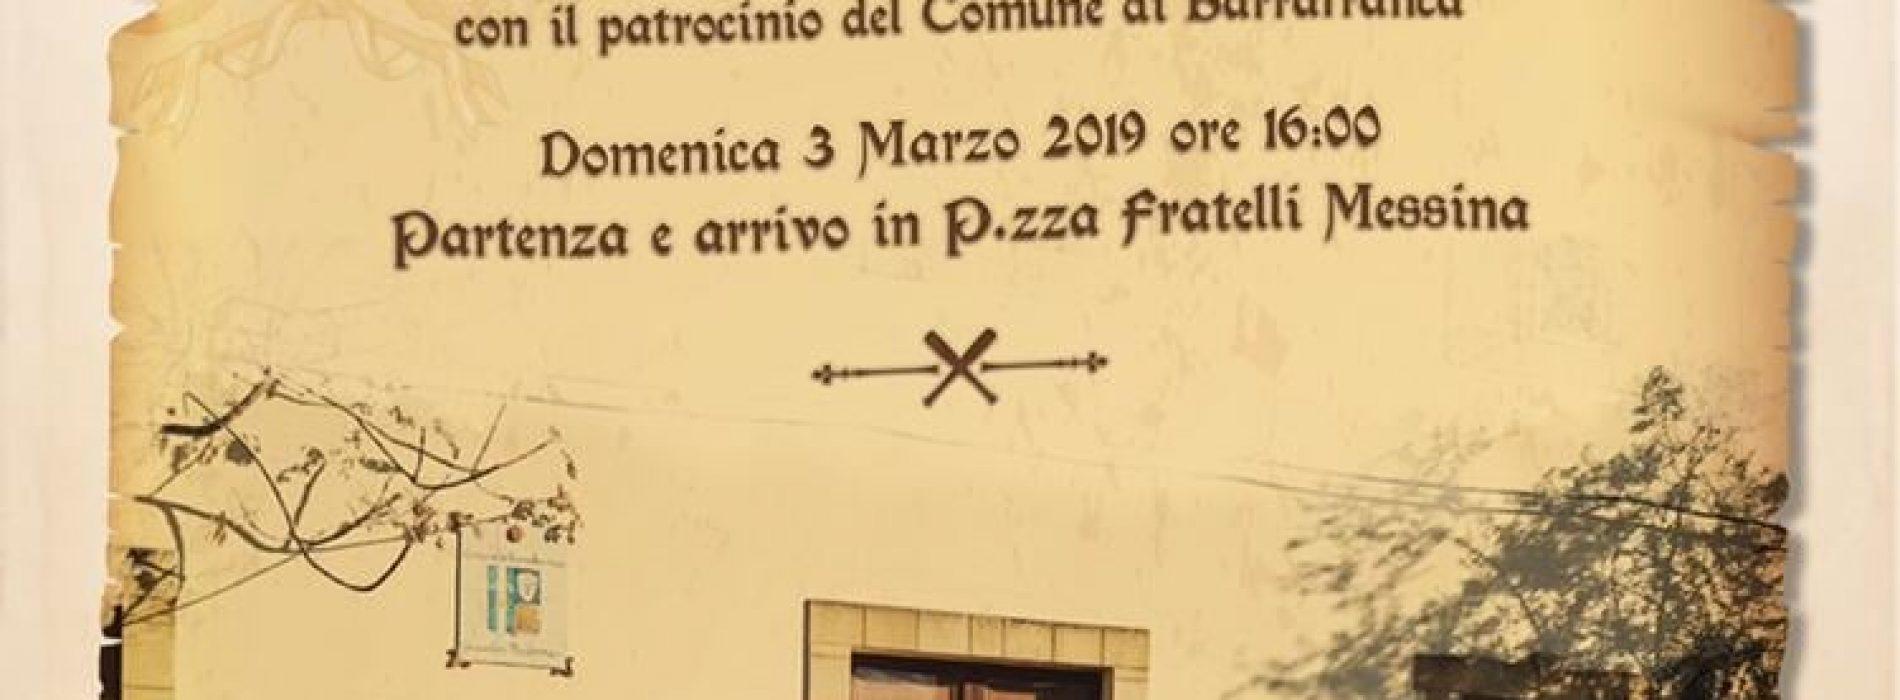 BARRAFRANCA. Lettera aperta da parte di Giovanni Patti alla Commissione Straordinaria.